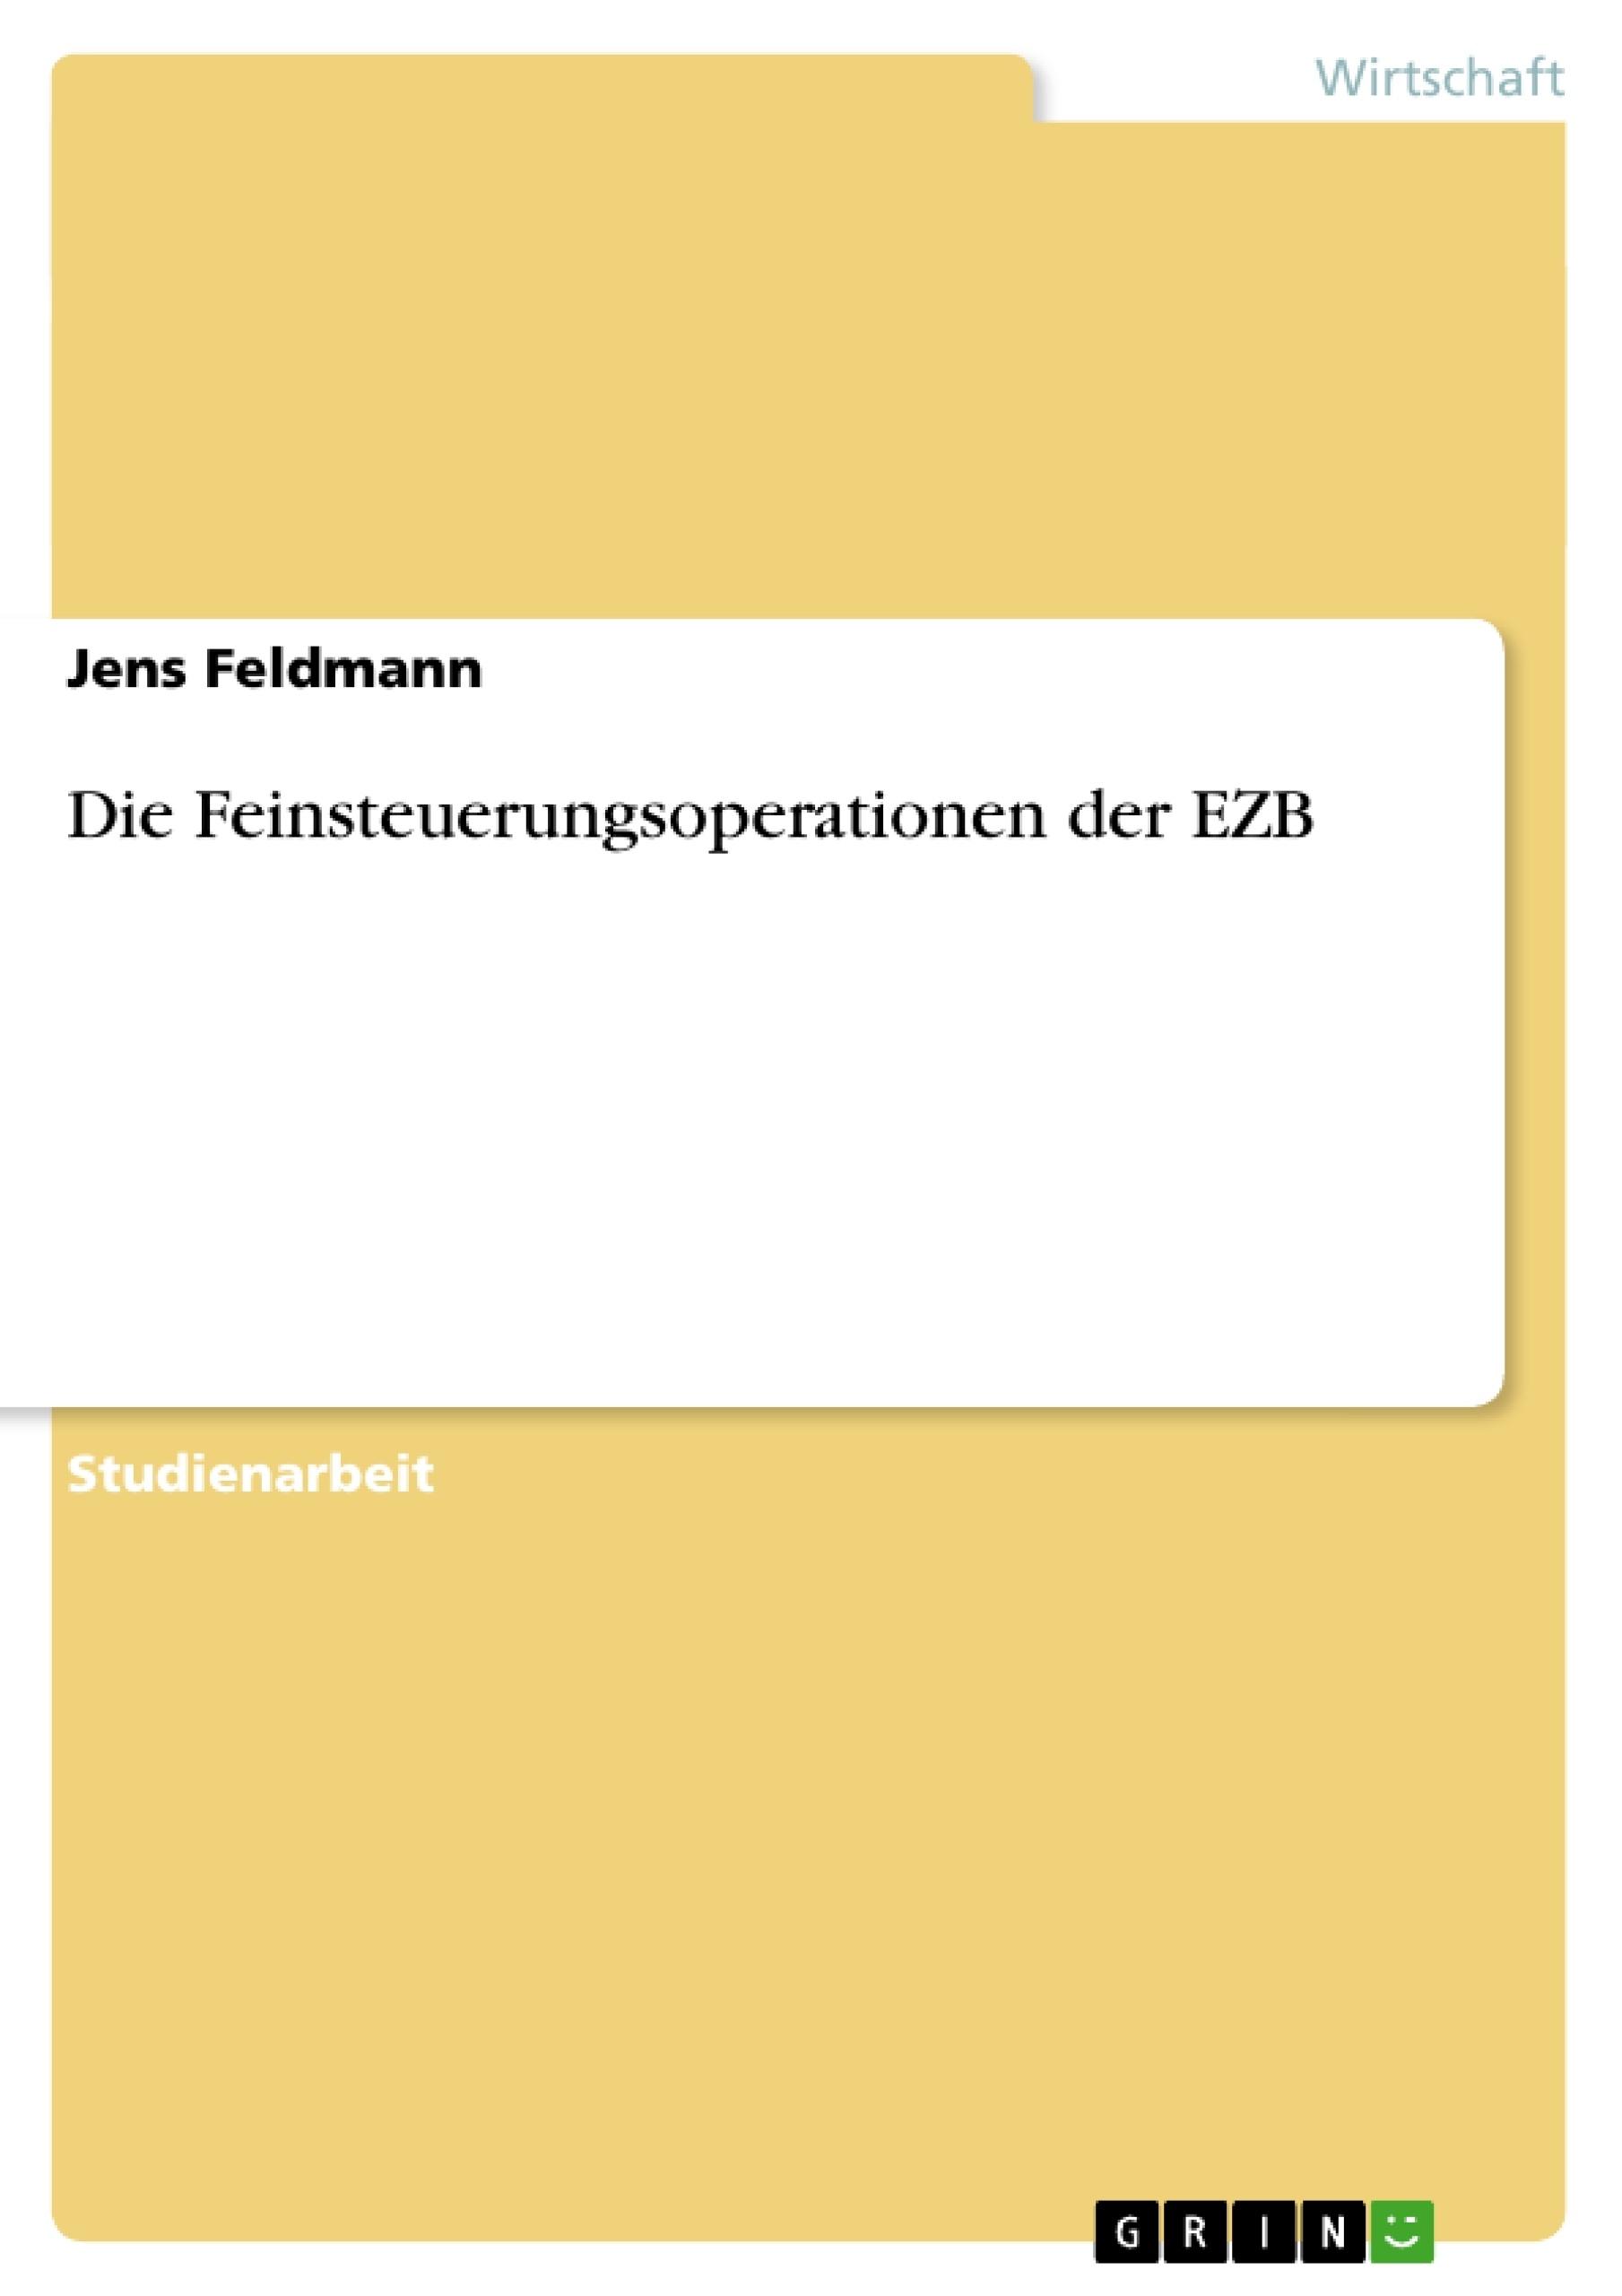 Titel: Die Feinsteuerungsoperationen der EZB